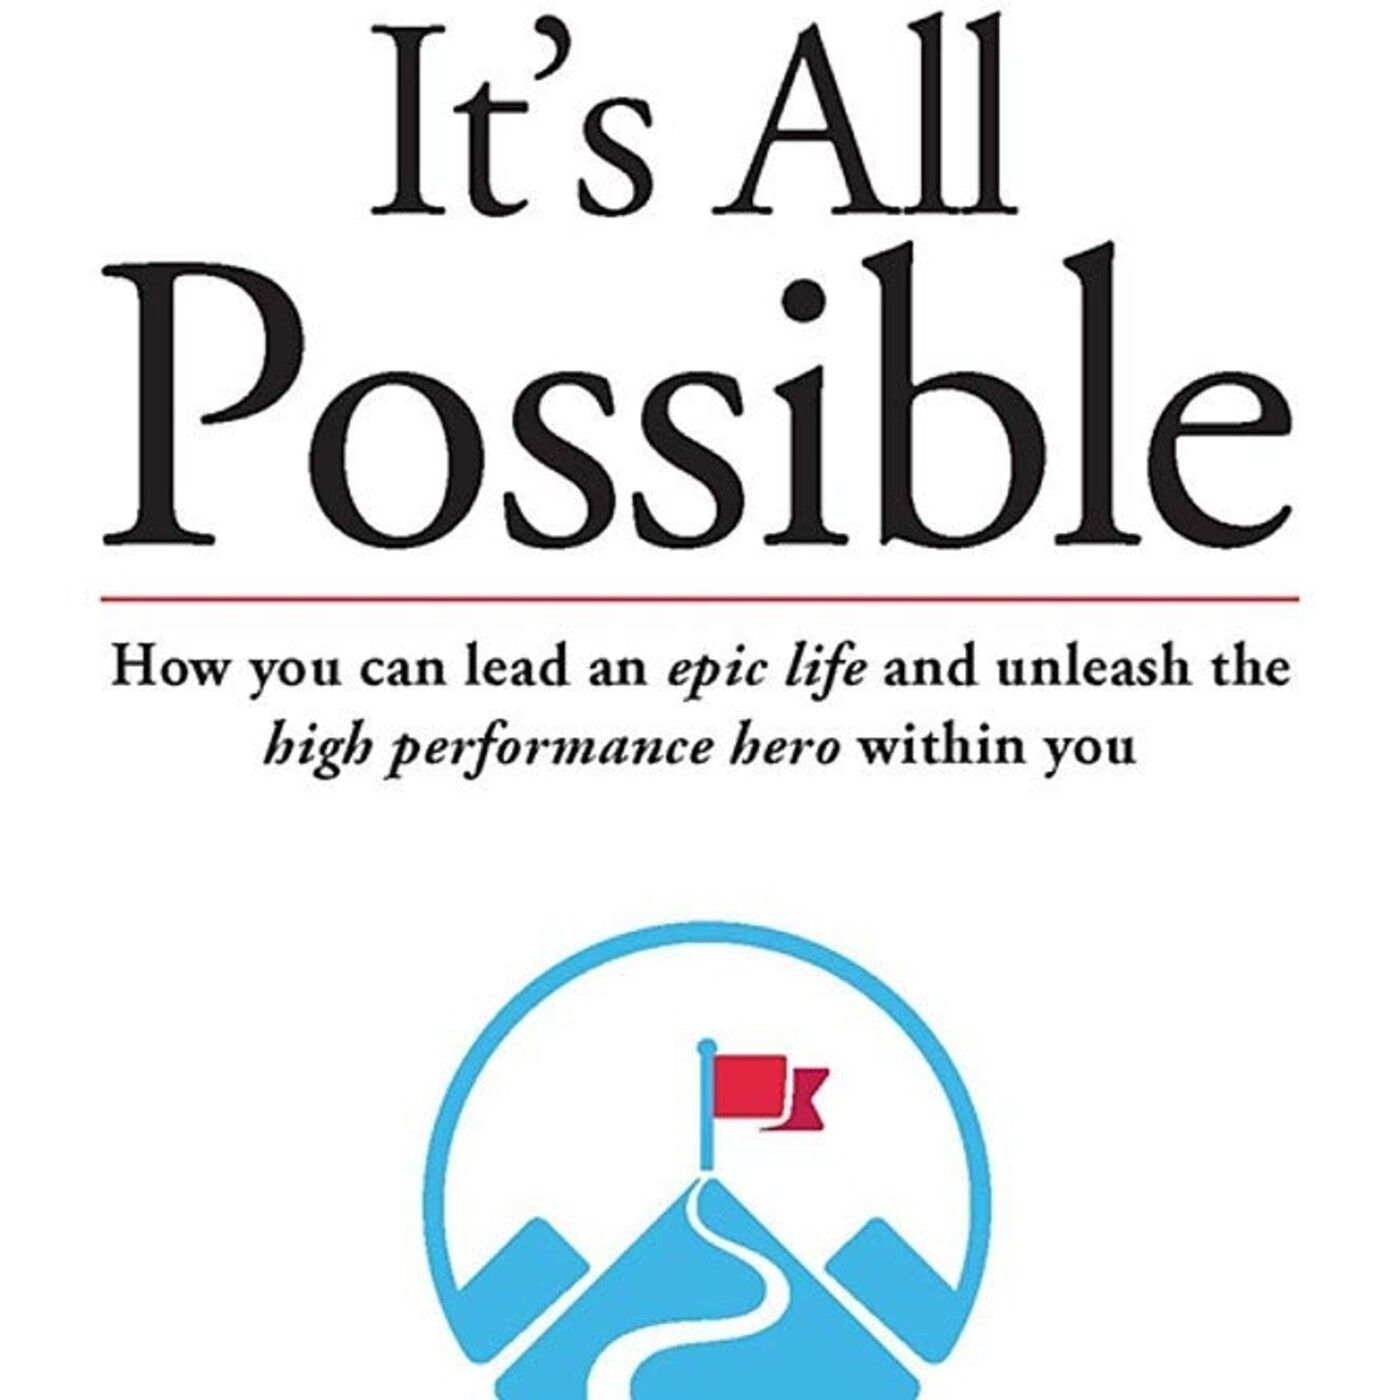 224 - Todo es Posible - Resumen de Libros Recomendados